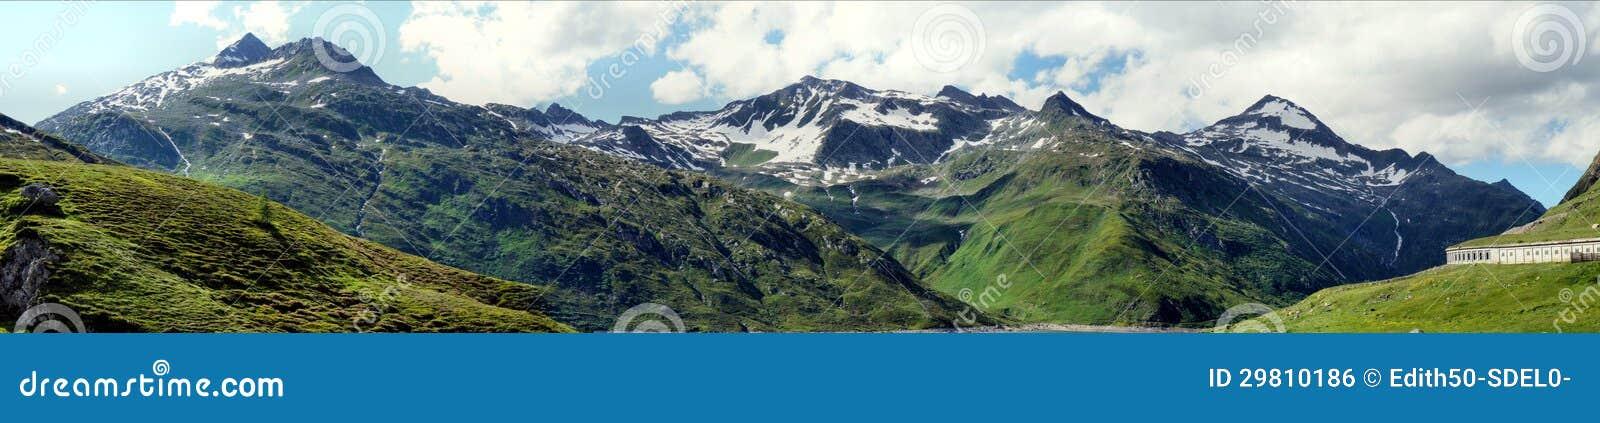 Panorama på Lukmanierpass i Schweitz